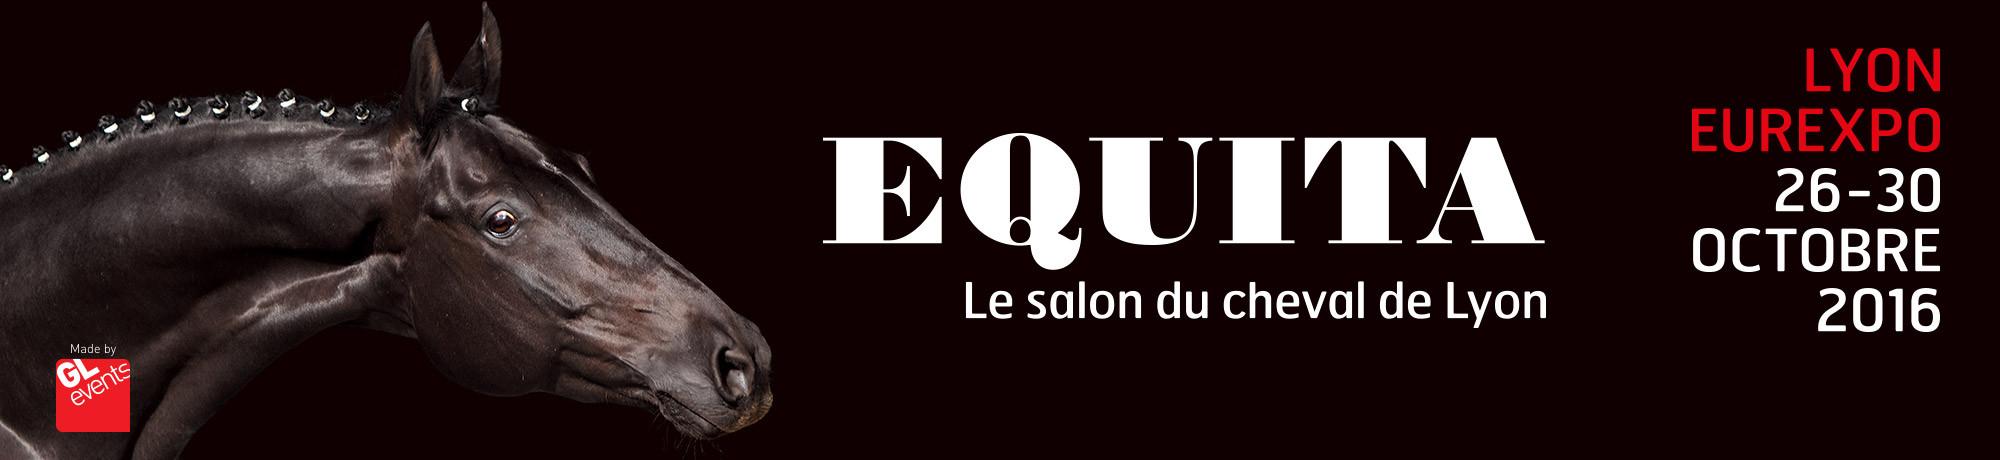 Affiche Equitalyon 2016.jpg